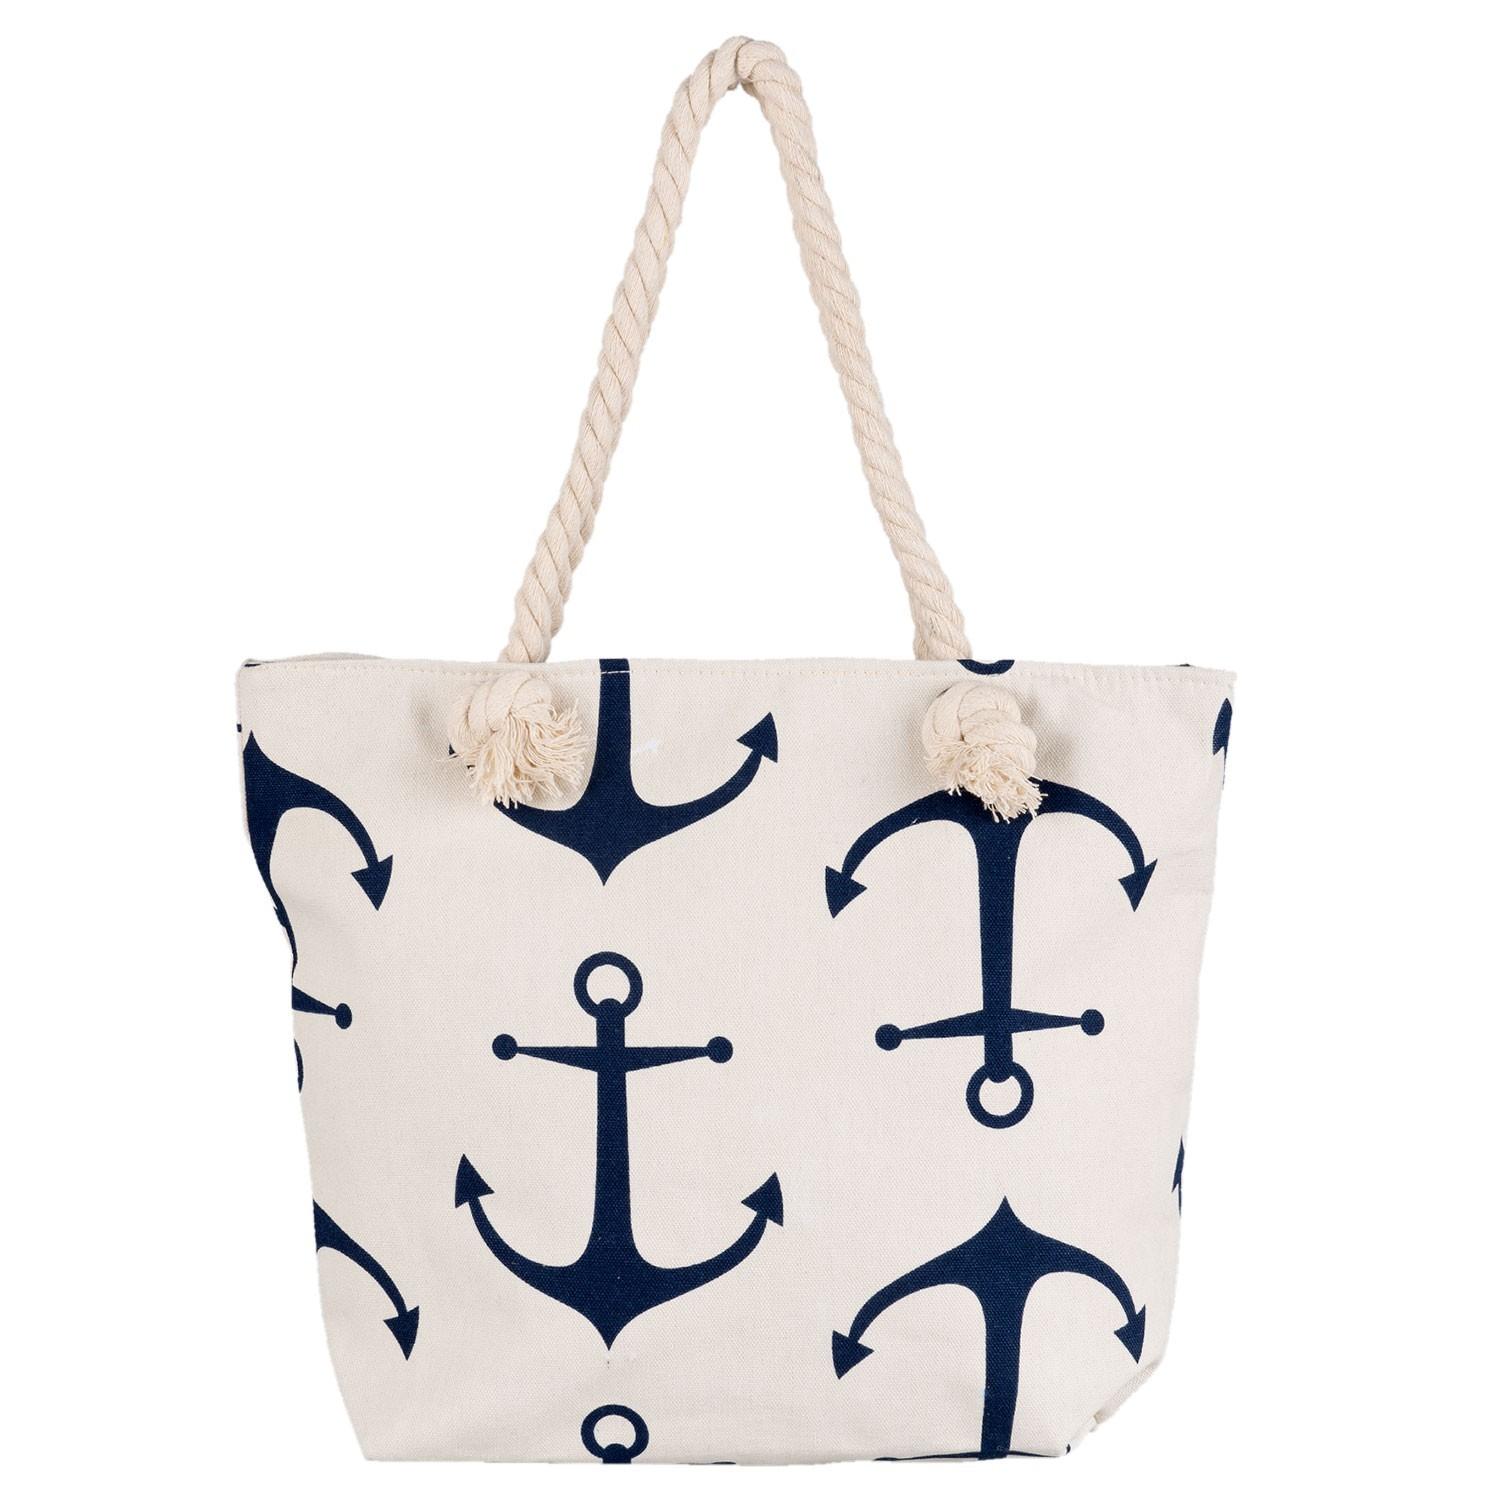 Nákupní/plážová taška Nautical - 45*35 cm